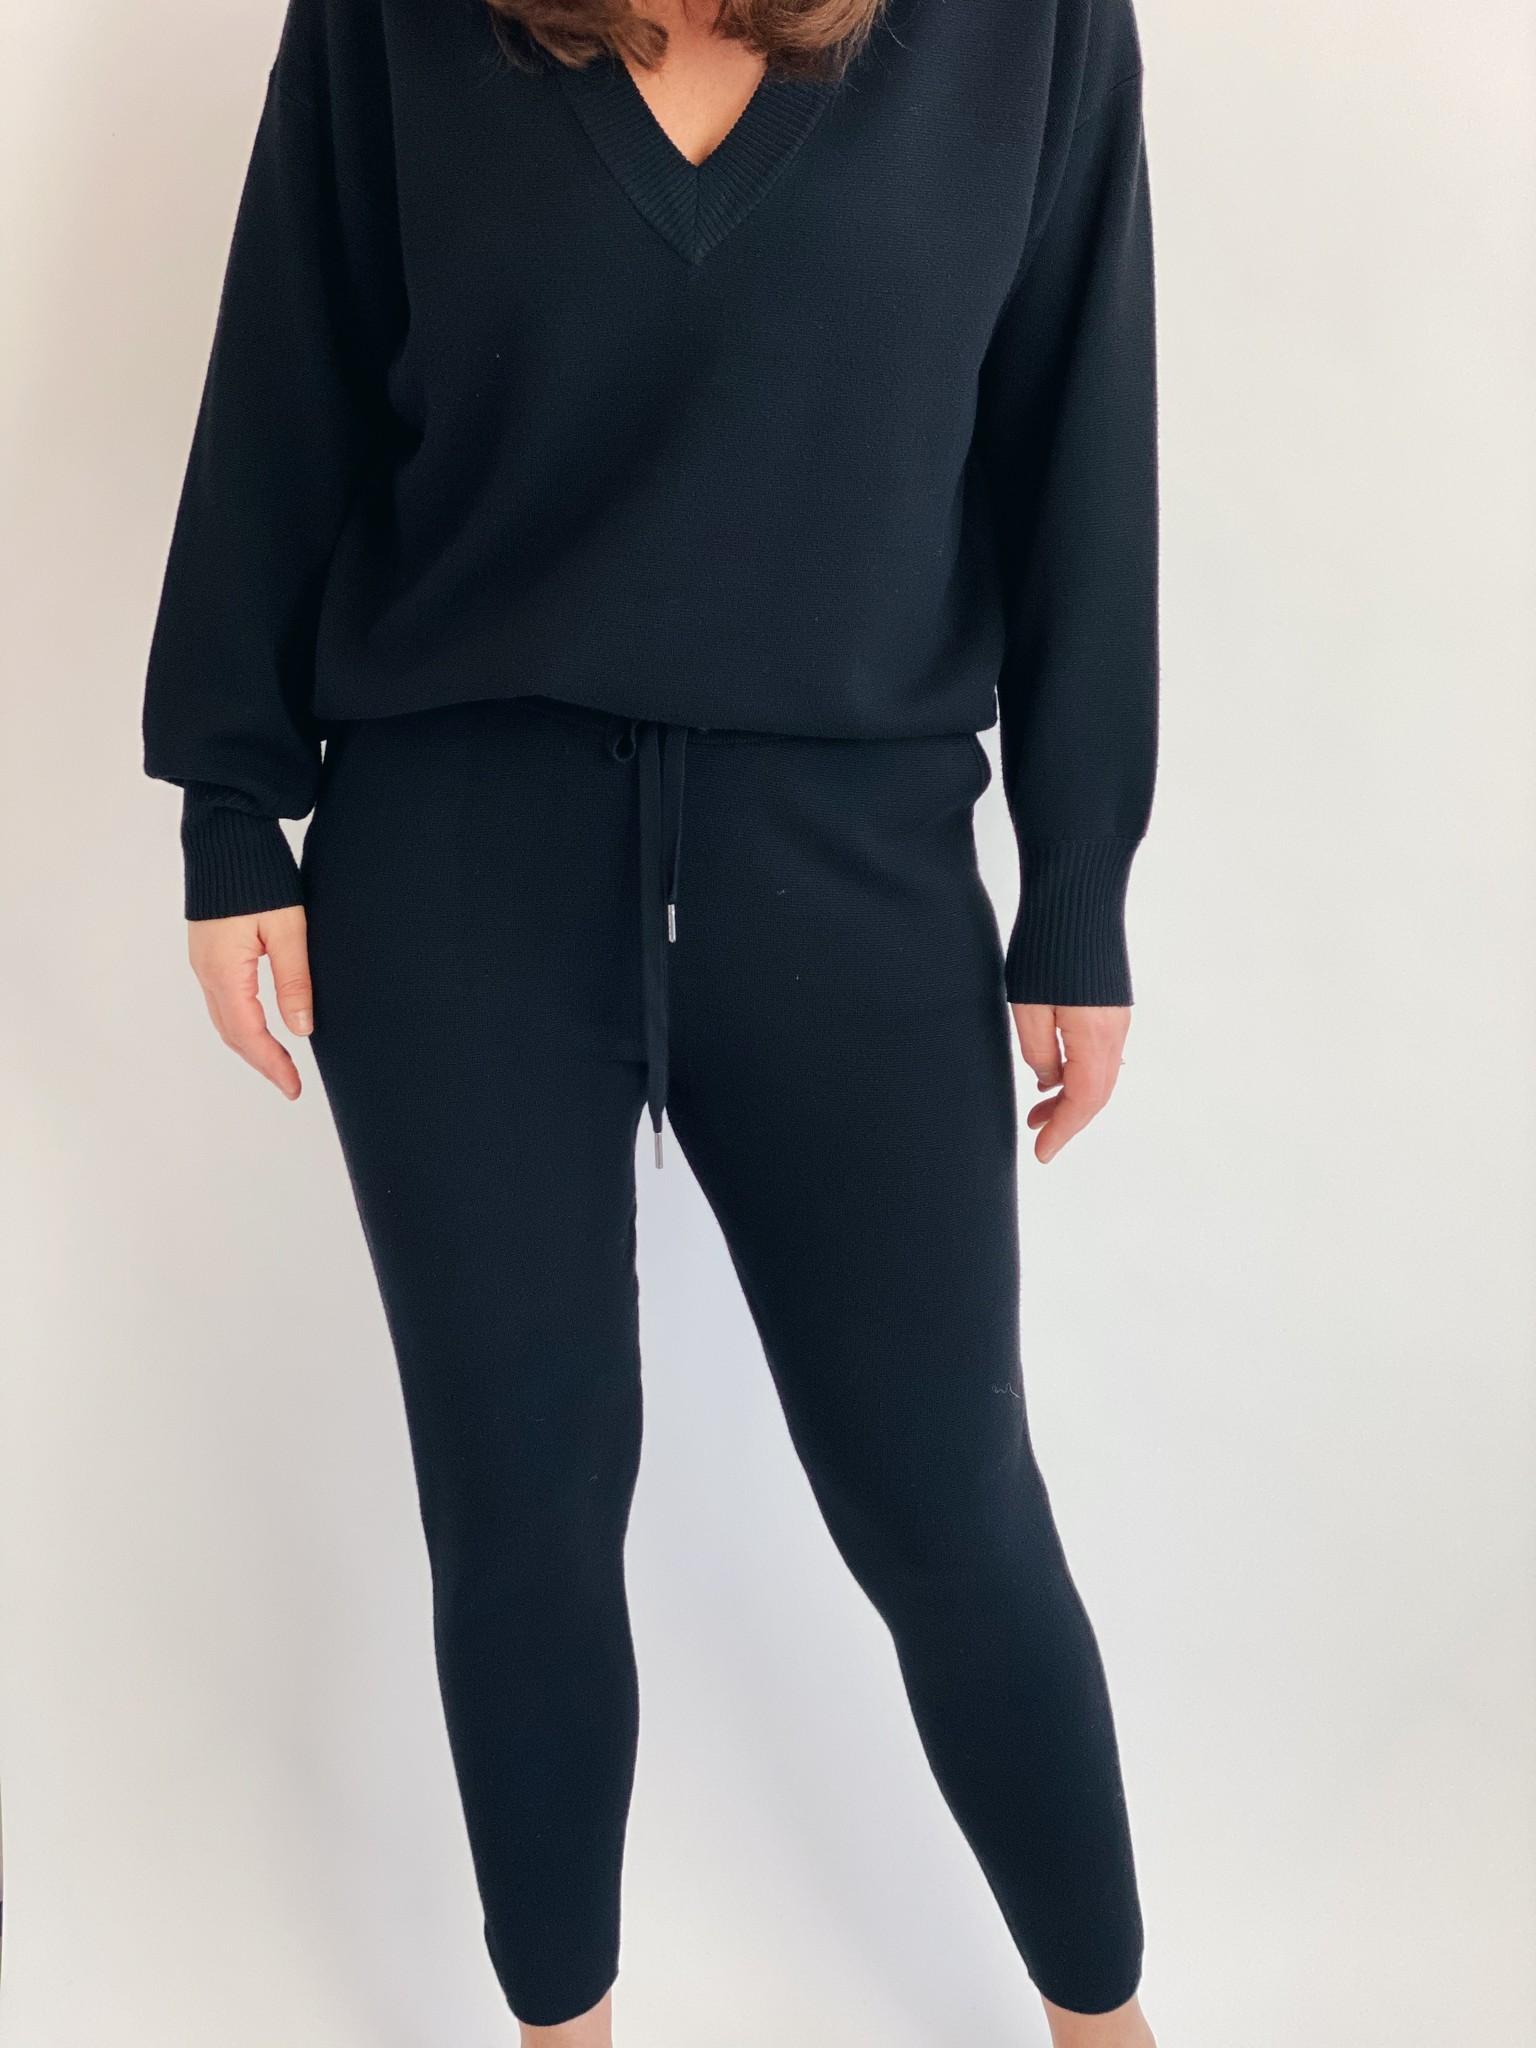 Trui KAkitlyn knit pullover black deep-3